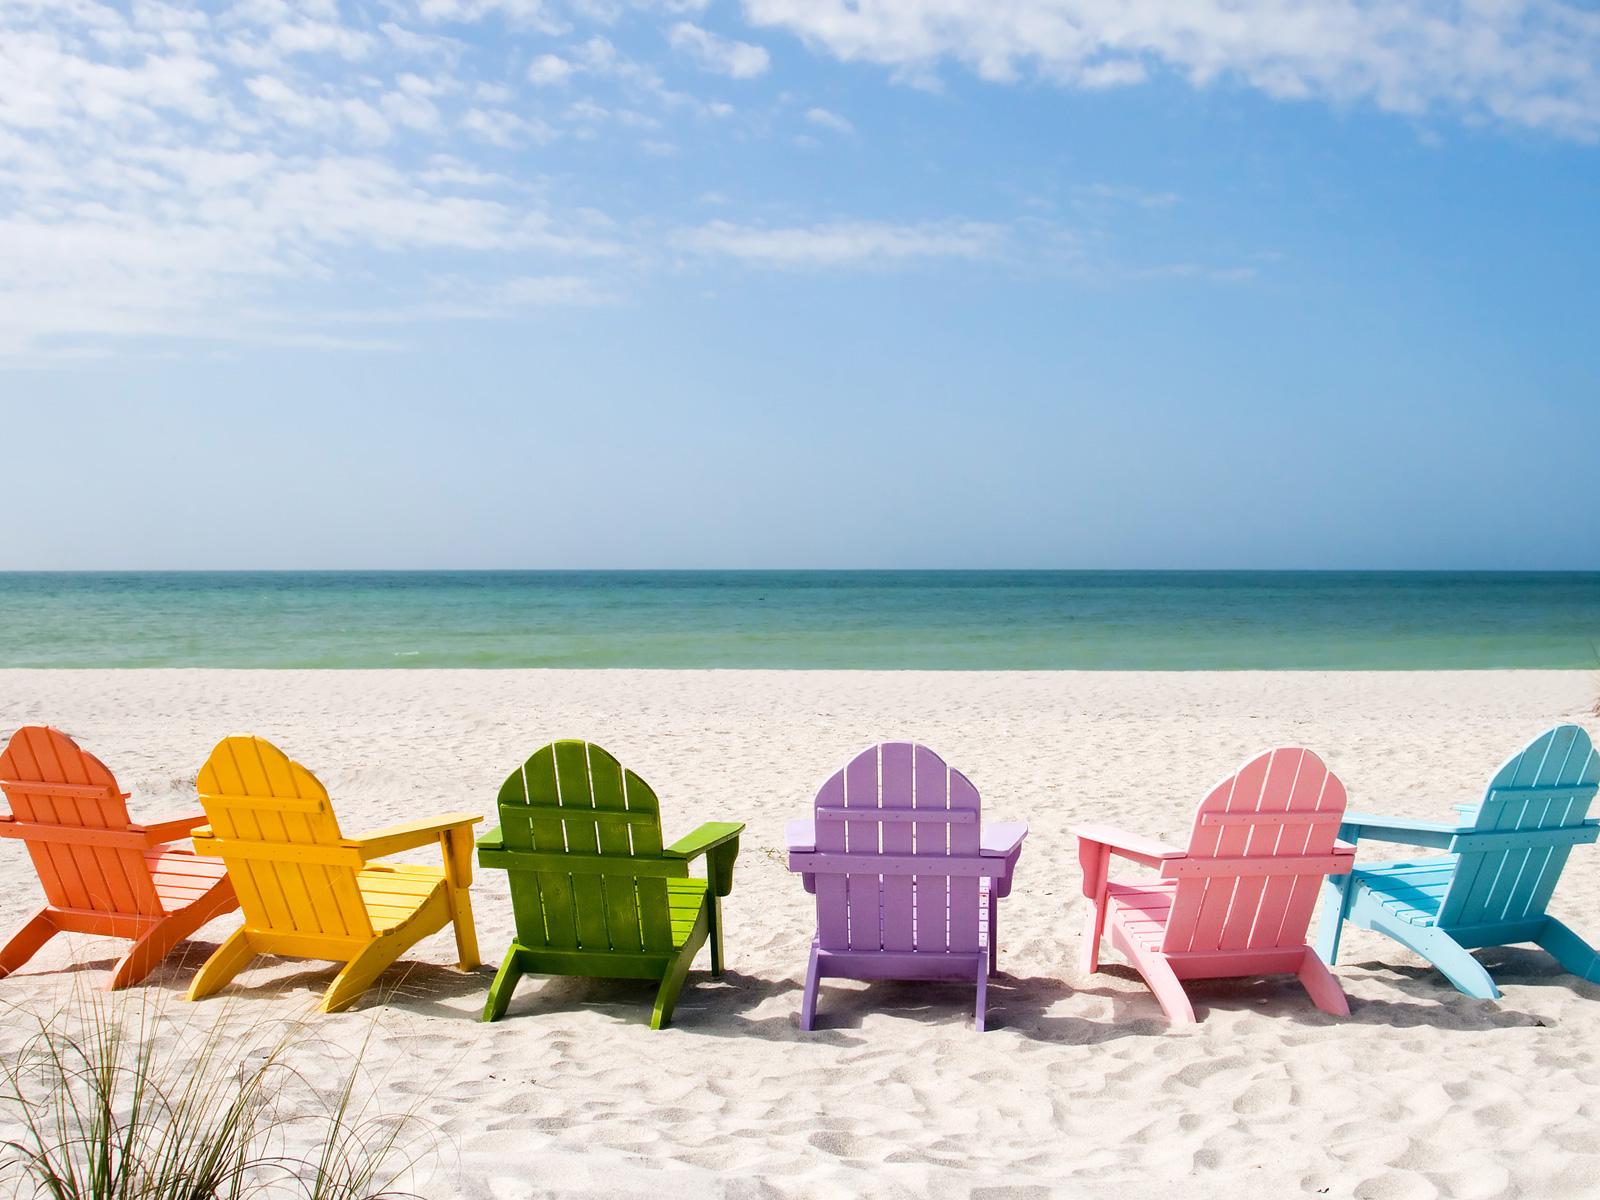 ... .com--The-best-top-desktop-beach-wallpapers-hd-beach-wallpaper-2.jpg